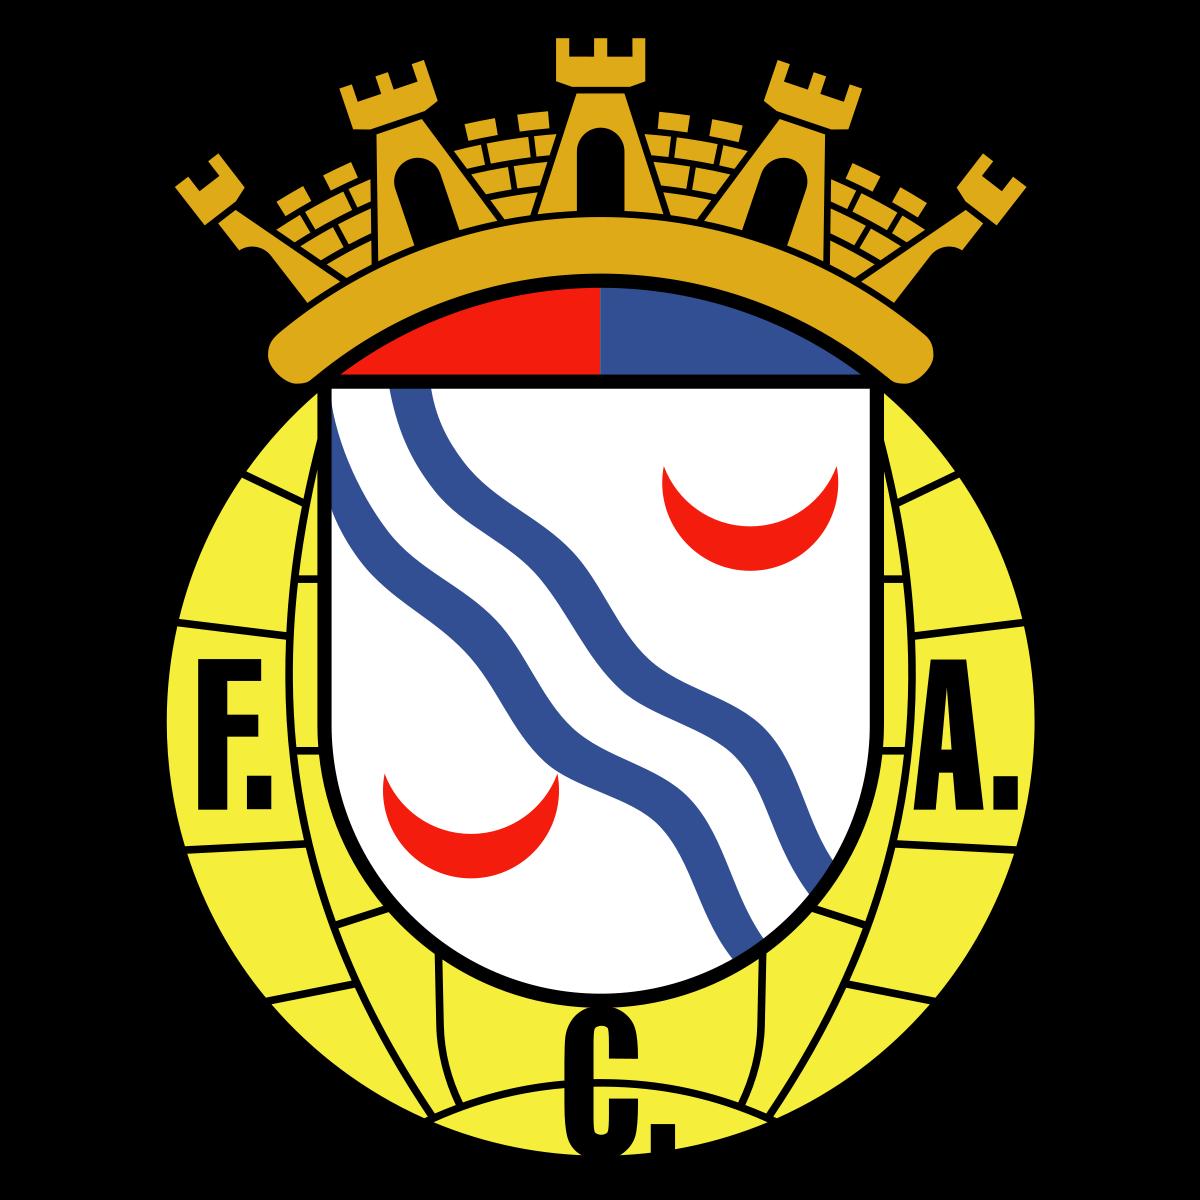 Futebol Clube de Alverca Trovato su Bing da en.wikipedia